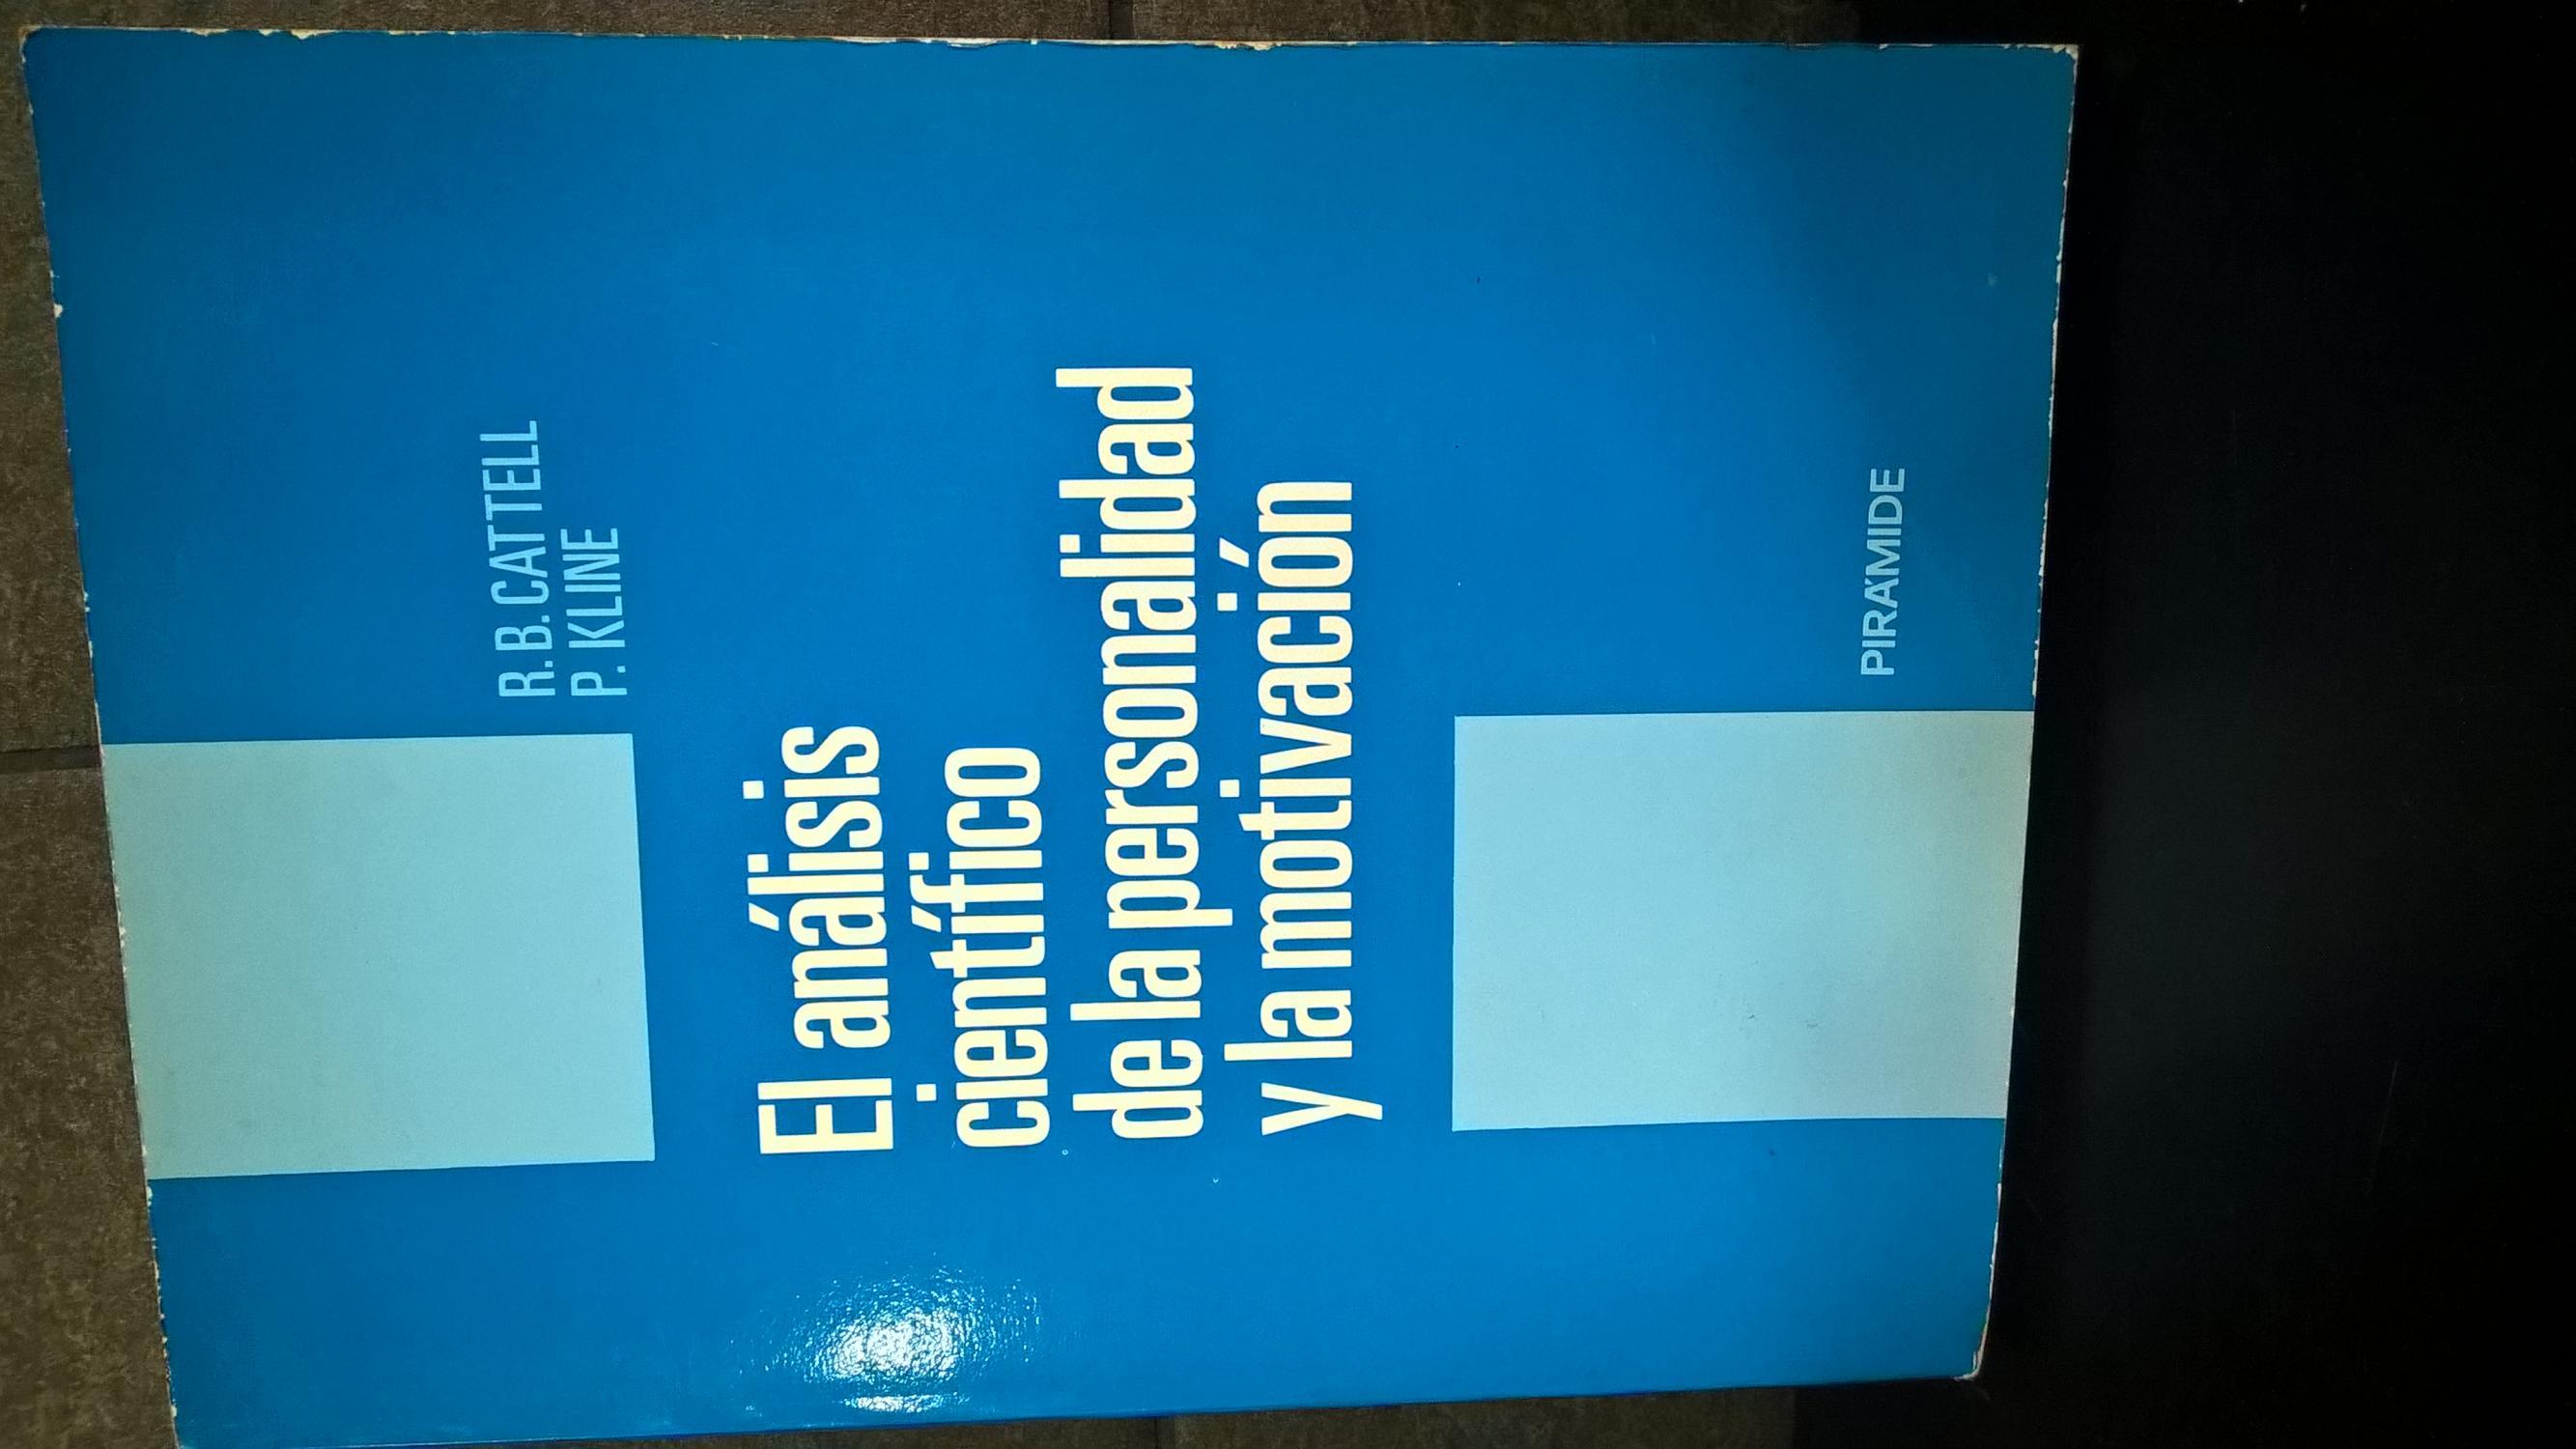 El analisis cientifico de la personalidad y la motivacion - Raymond Bernard Cattell; P Kline